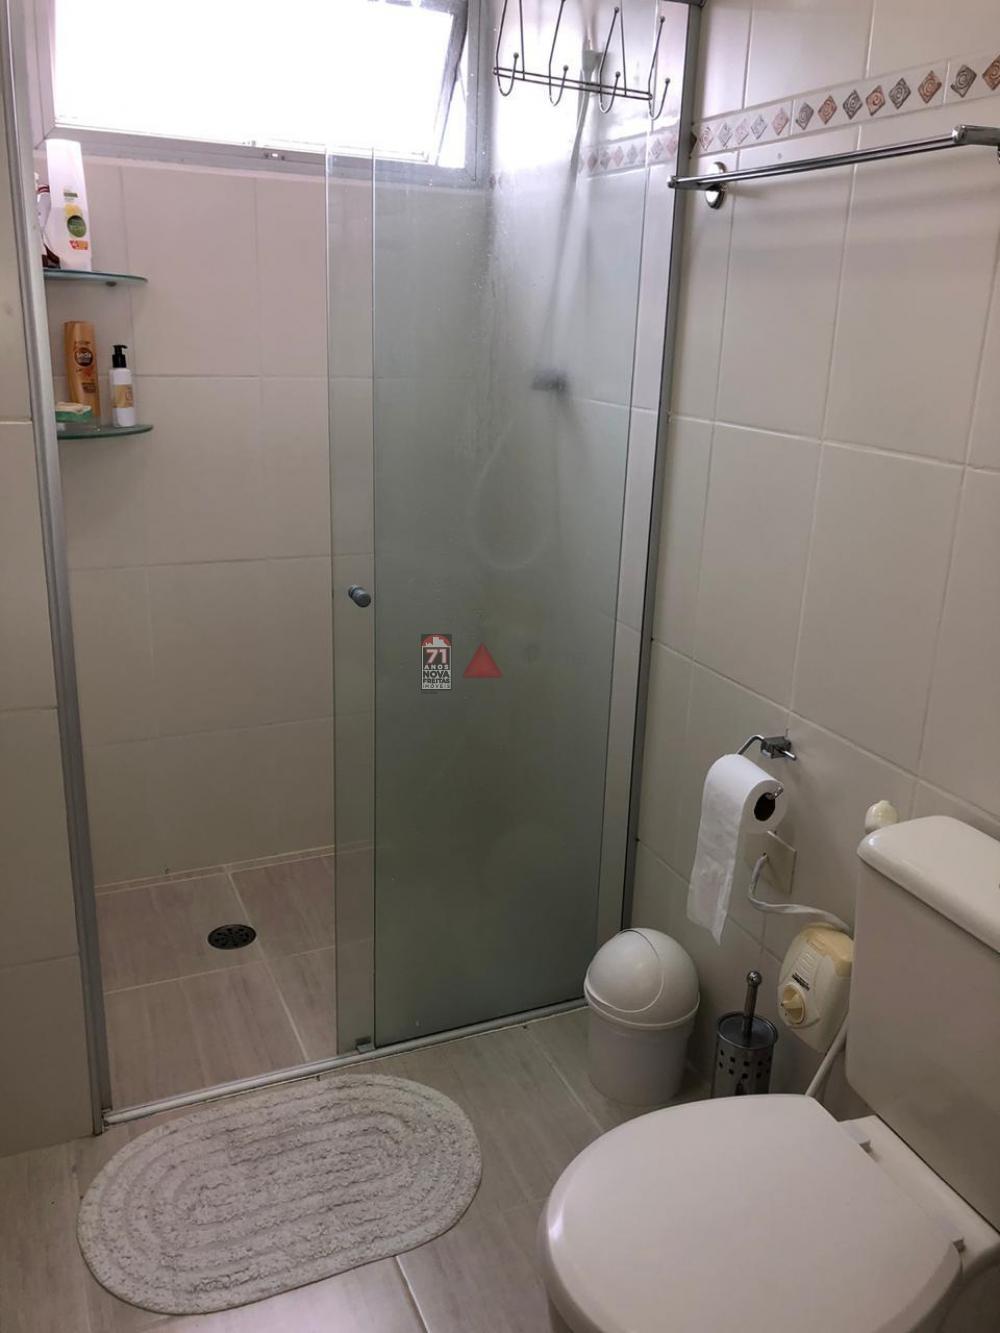 Comprar Apartamento / Padrão em São José dos Campos apenas R$ 560.000,00 - Foto 11